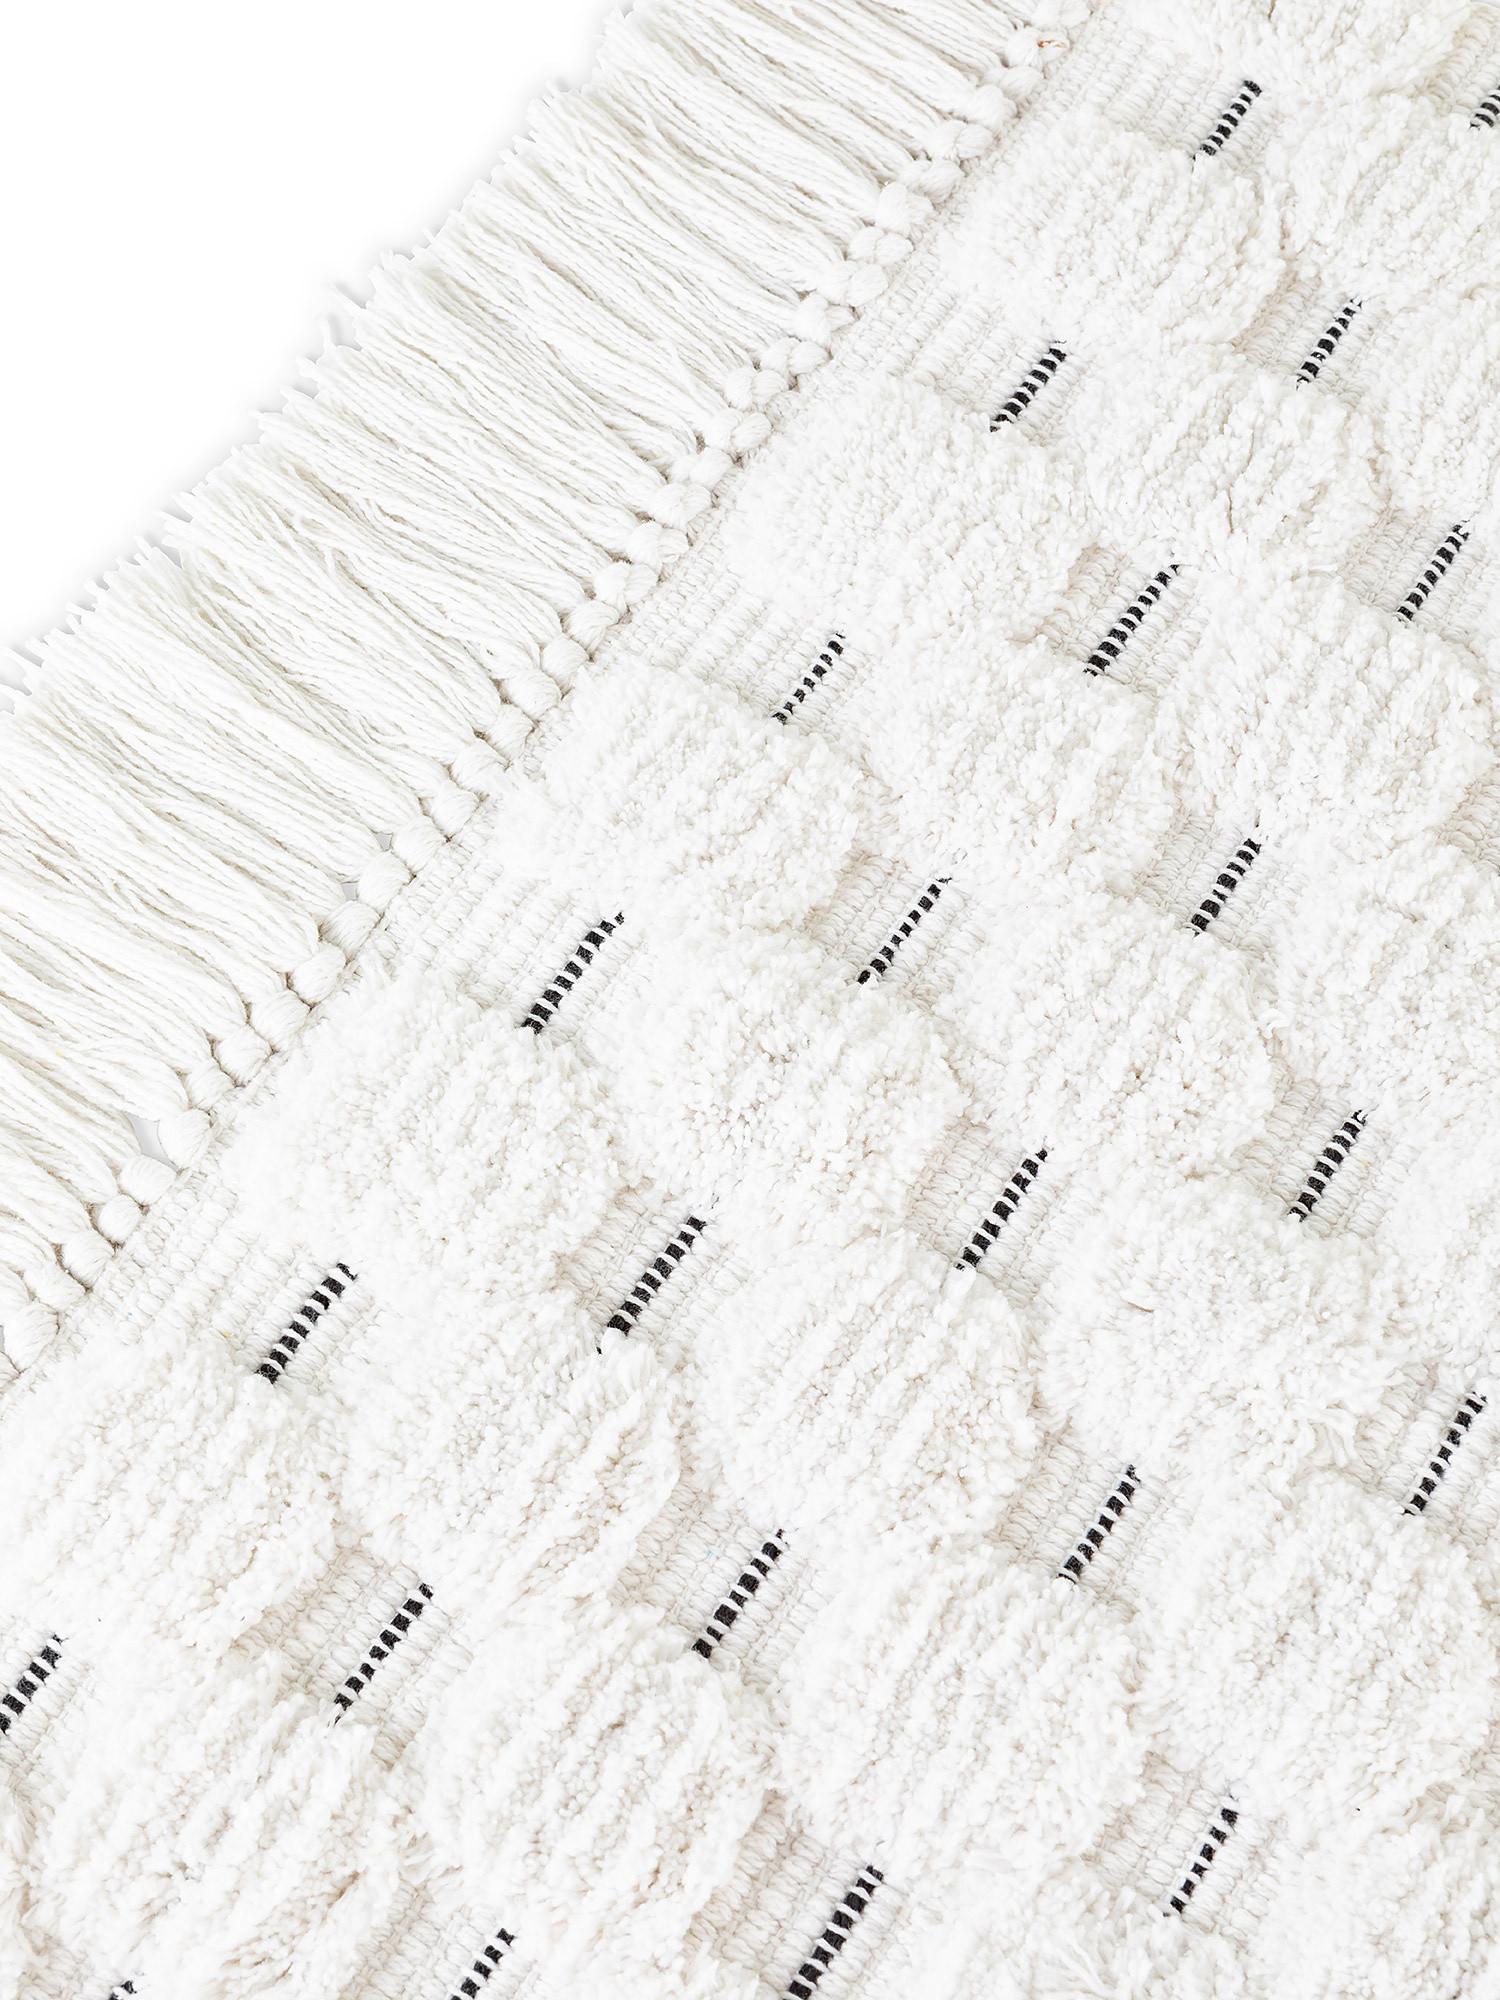 Tappeto bagno spugna di cotone con impunture, Bianco, large image number 1